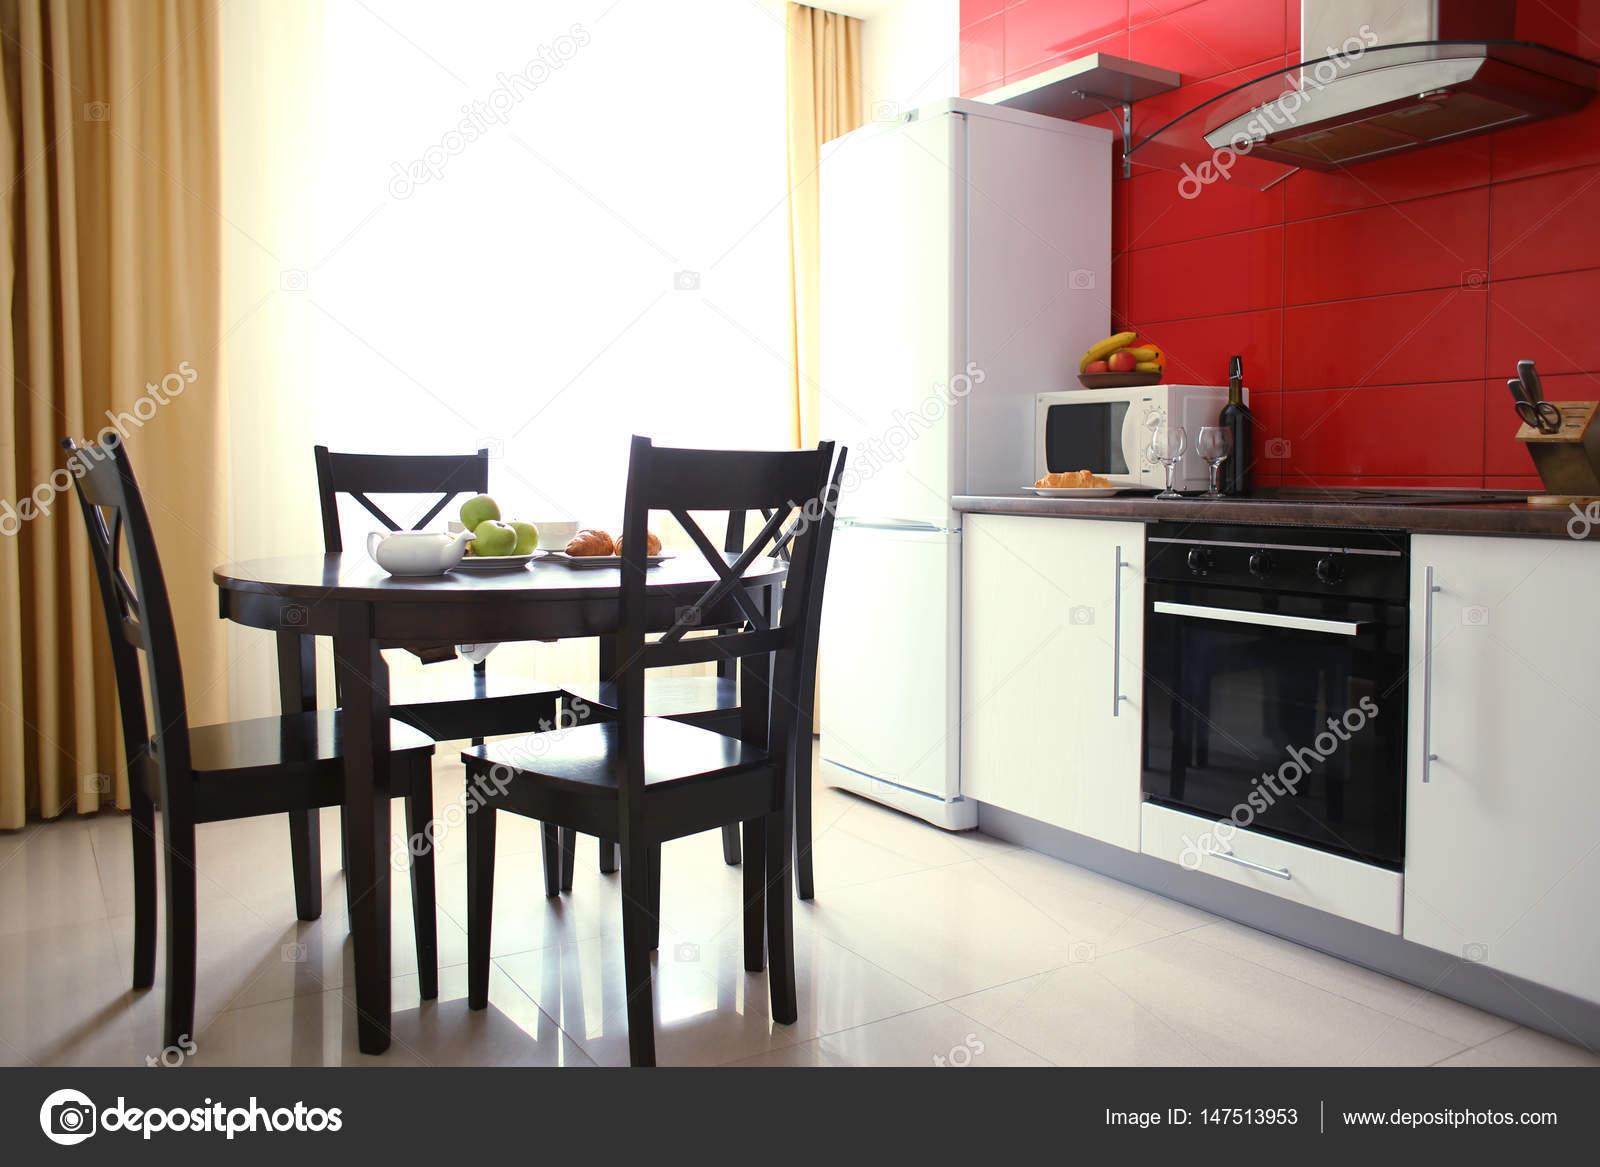 Interni Moderni Cucine : Interni moderni della cucina u2014 foto stock © belchonock #147513953